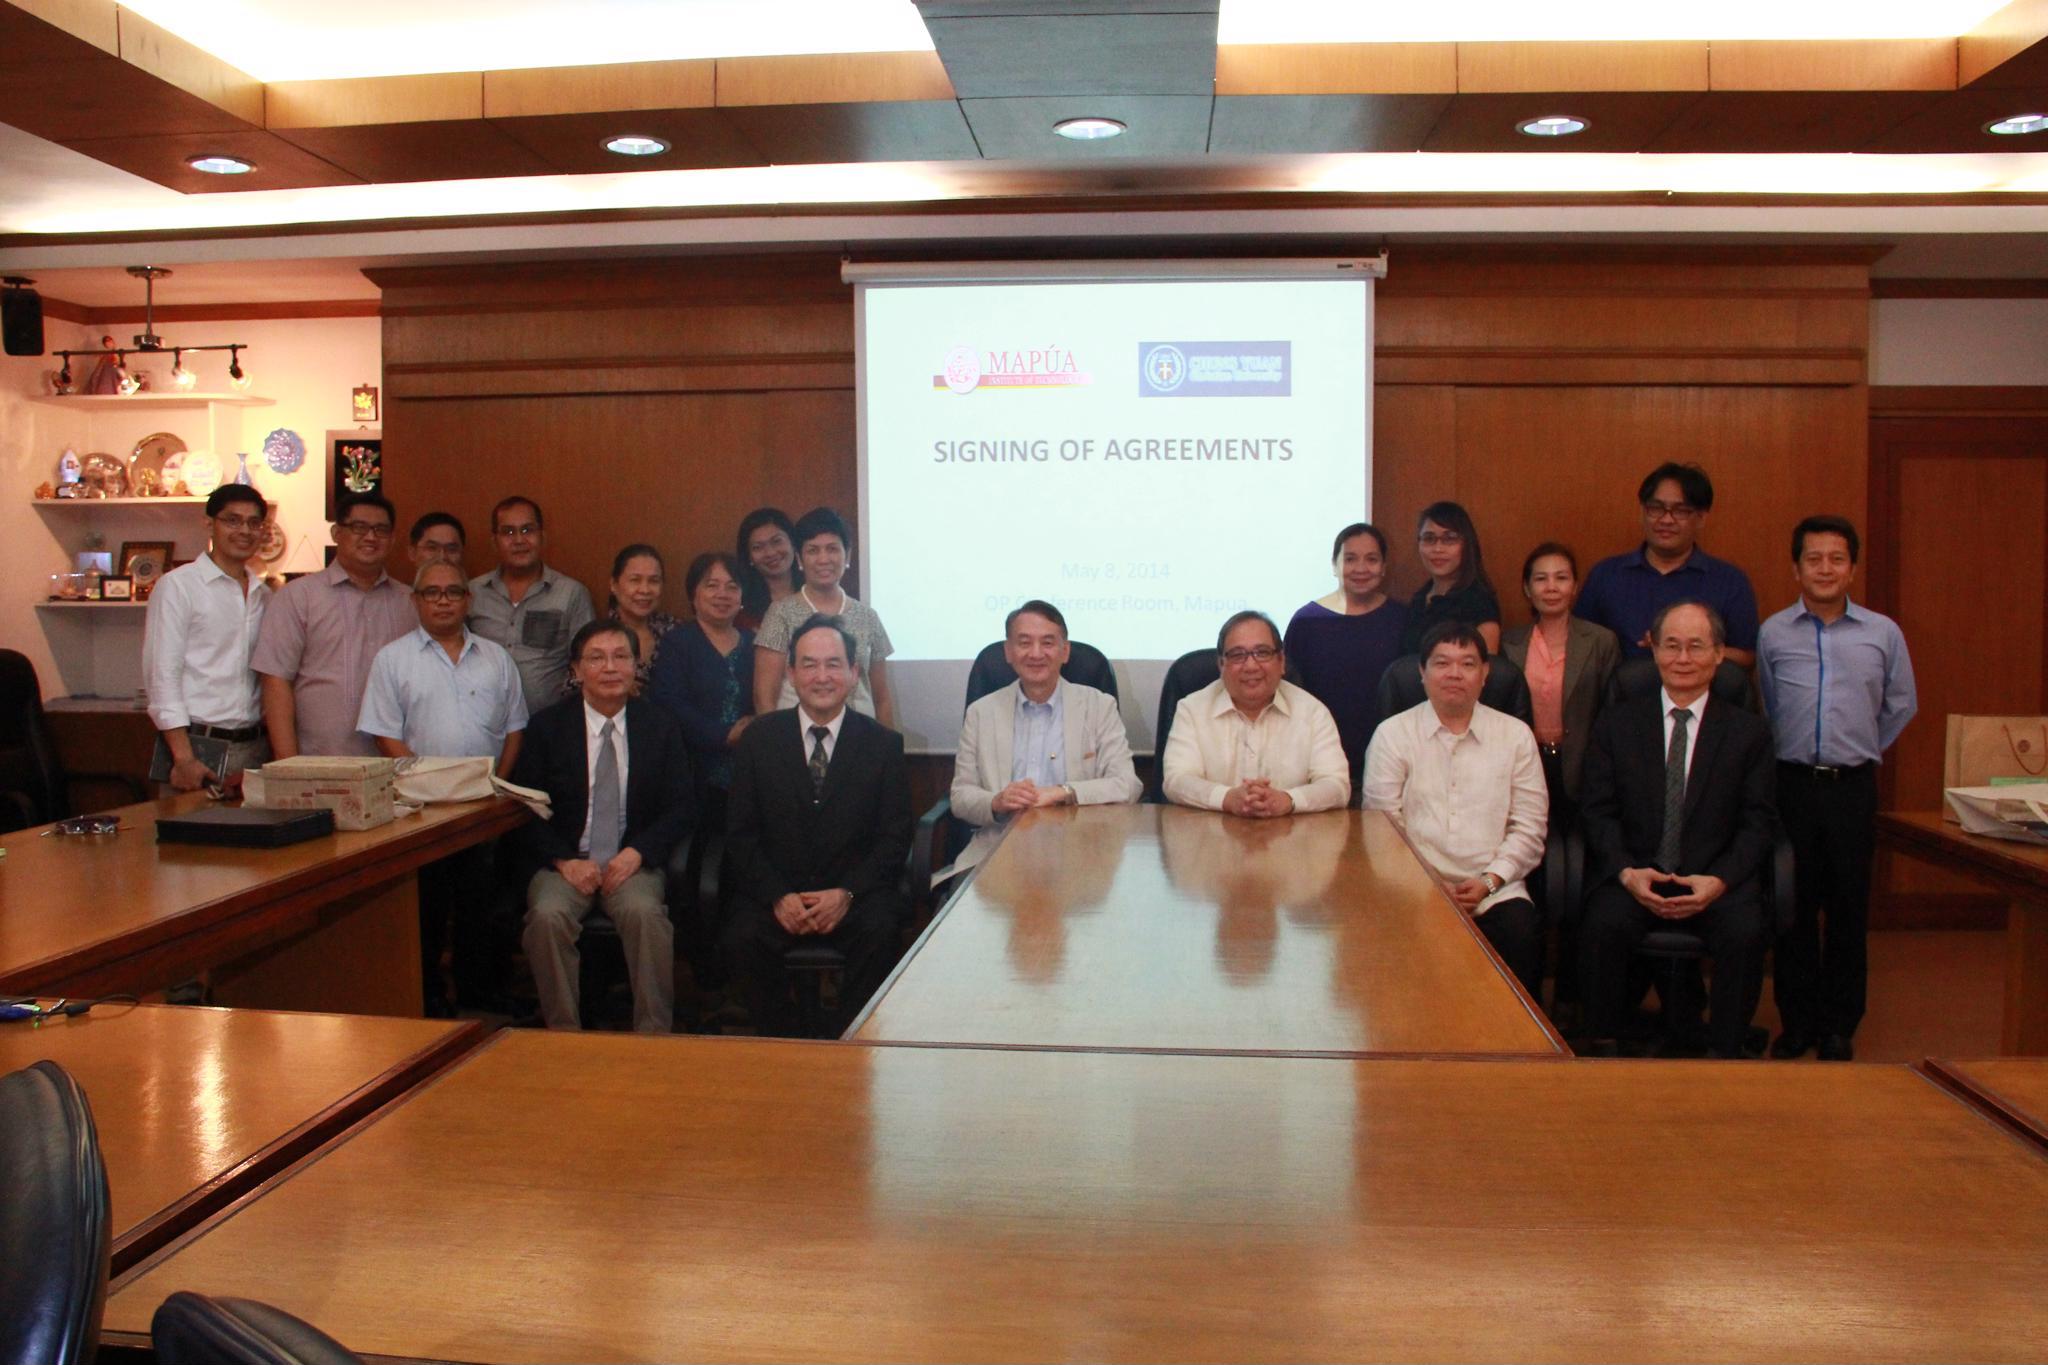 中原大學與菲律賓MAPUA大學簽署學術交流協議 深化兩校合作關係